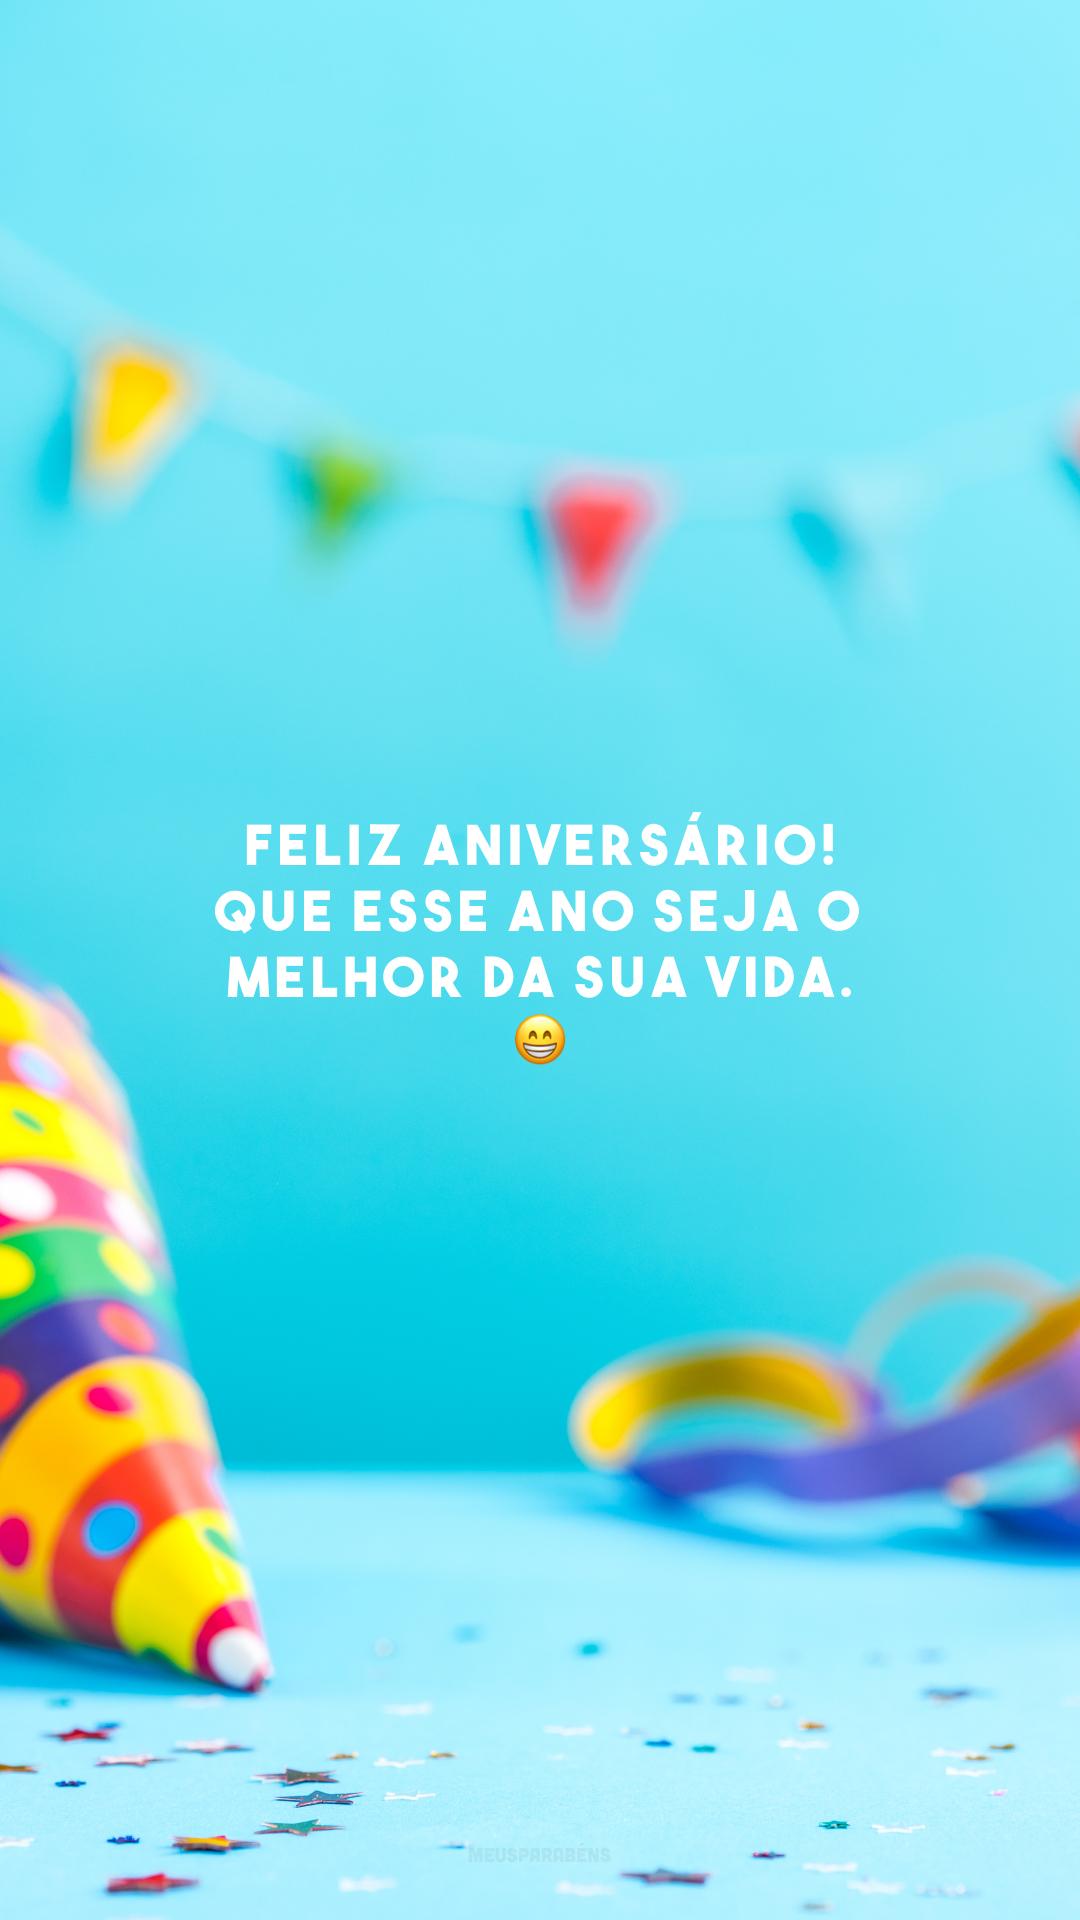 Feliz aniversário! Que esse ano seja o melhor da sua vida. 😁